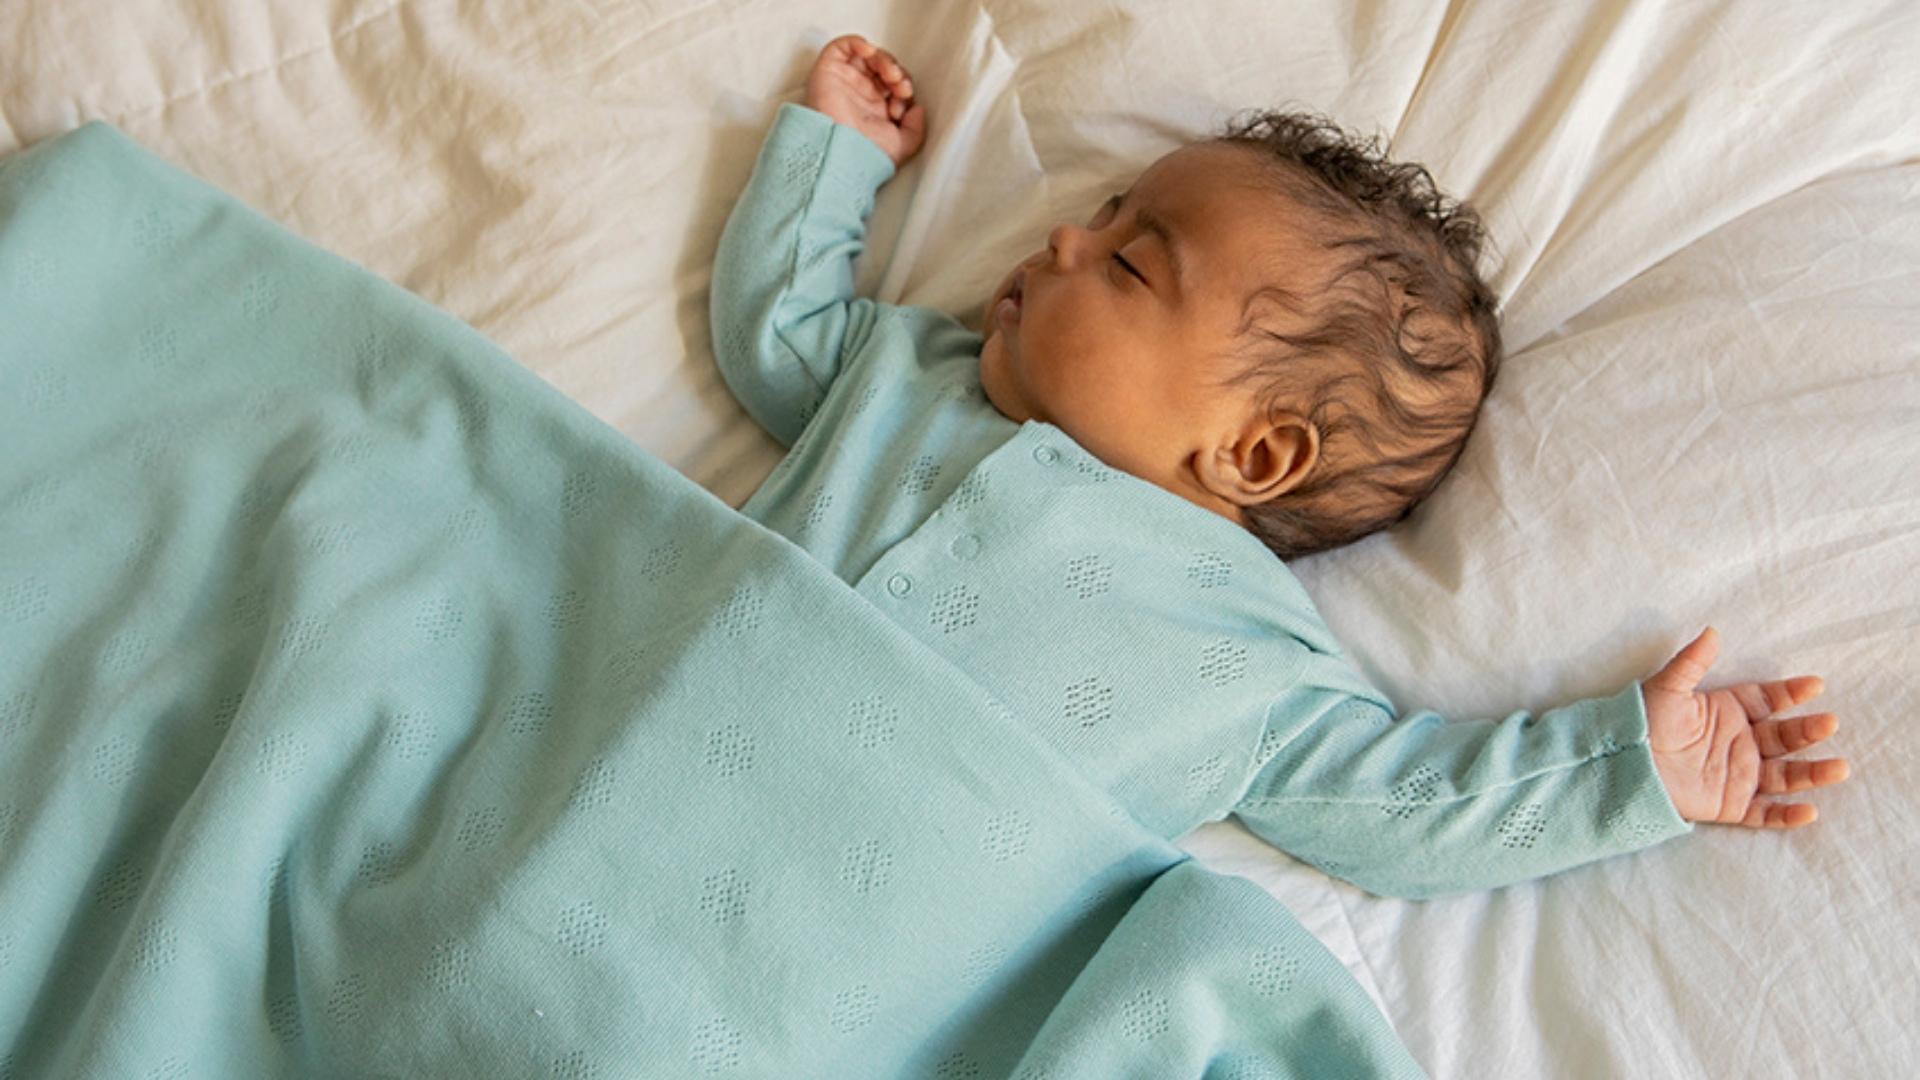 ¿Cómo arrullar a un bebe recién nacido?